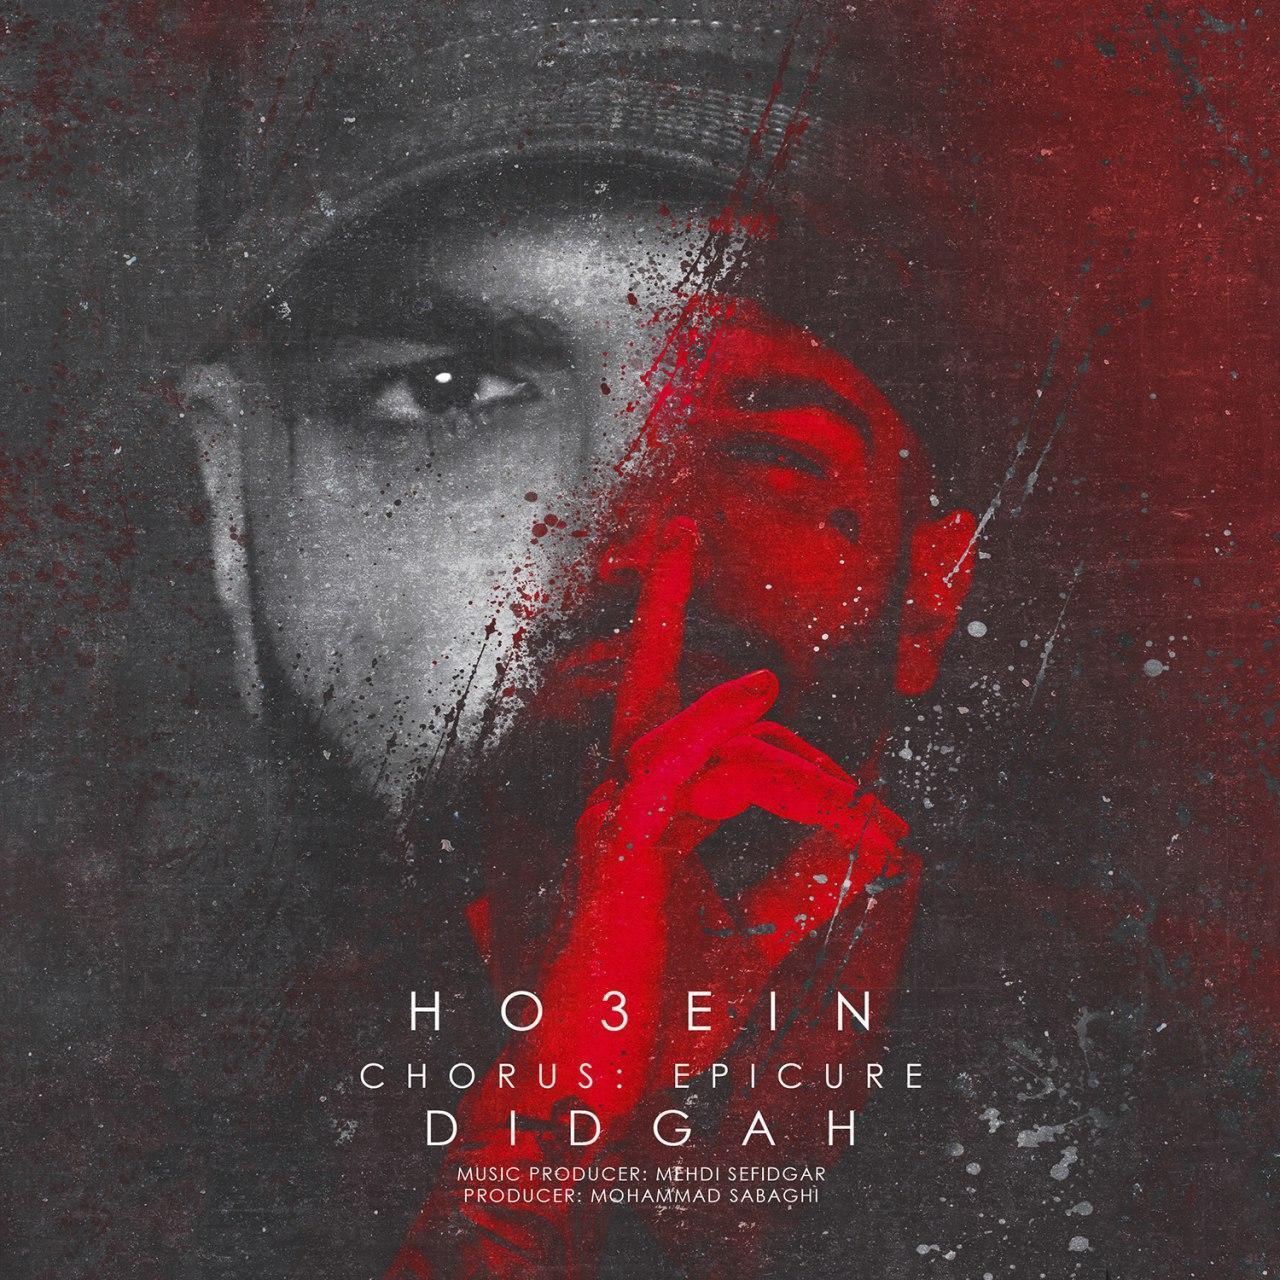 Didgah